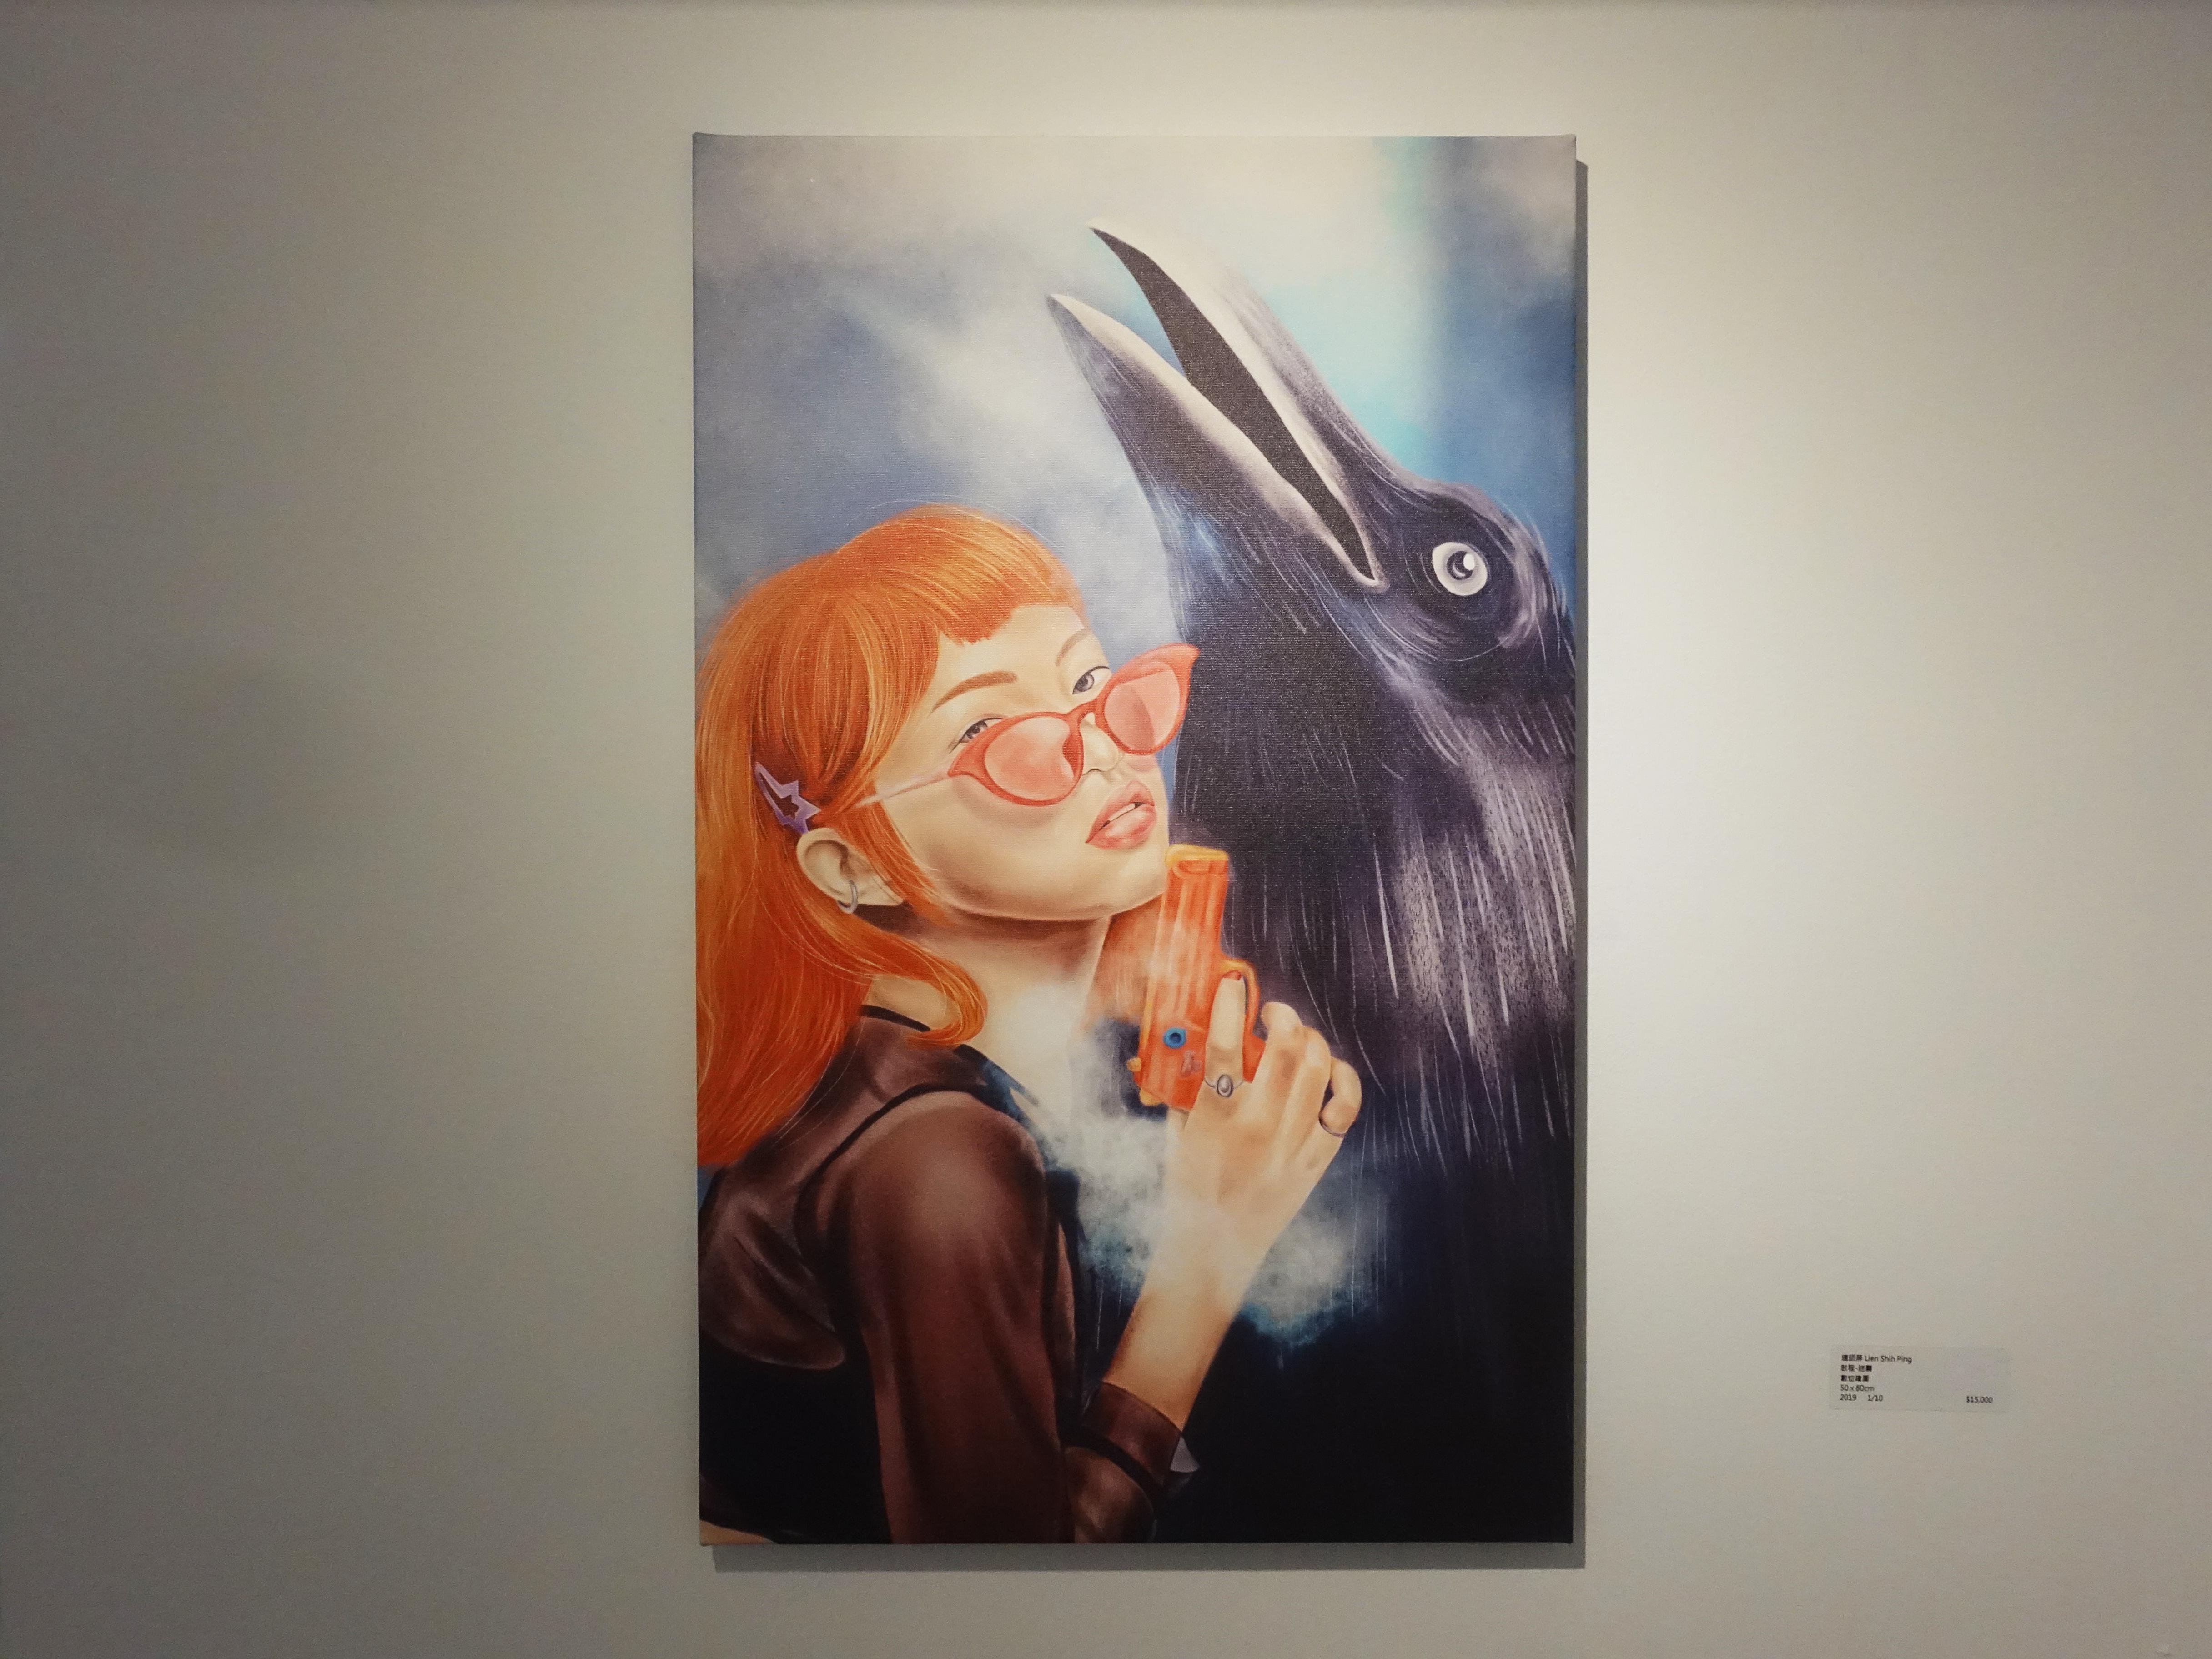 連師屏,《啟程-迷霧》,數位繪圖,50 x 80 cm 1/10,2019。